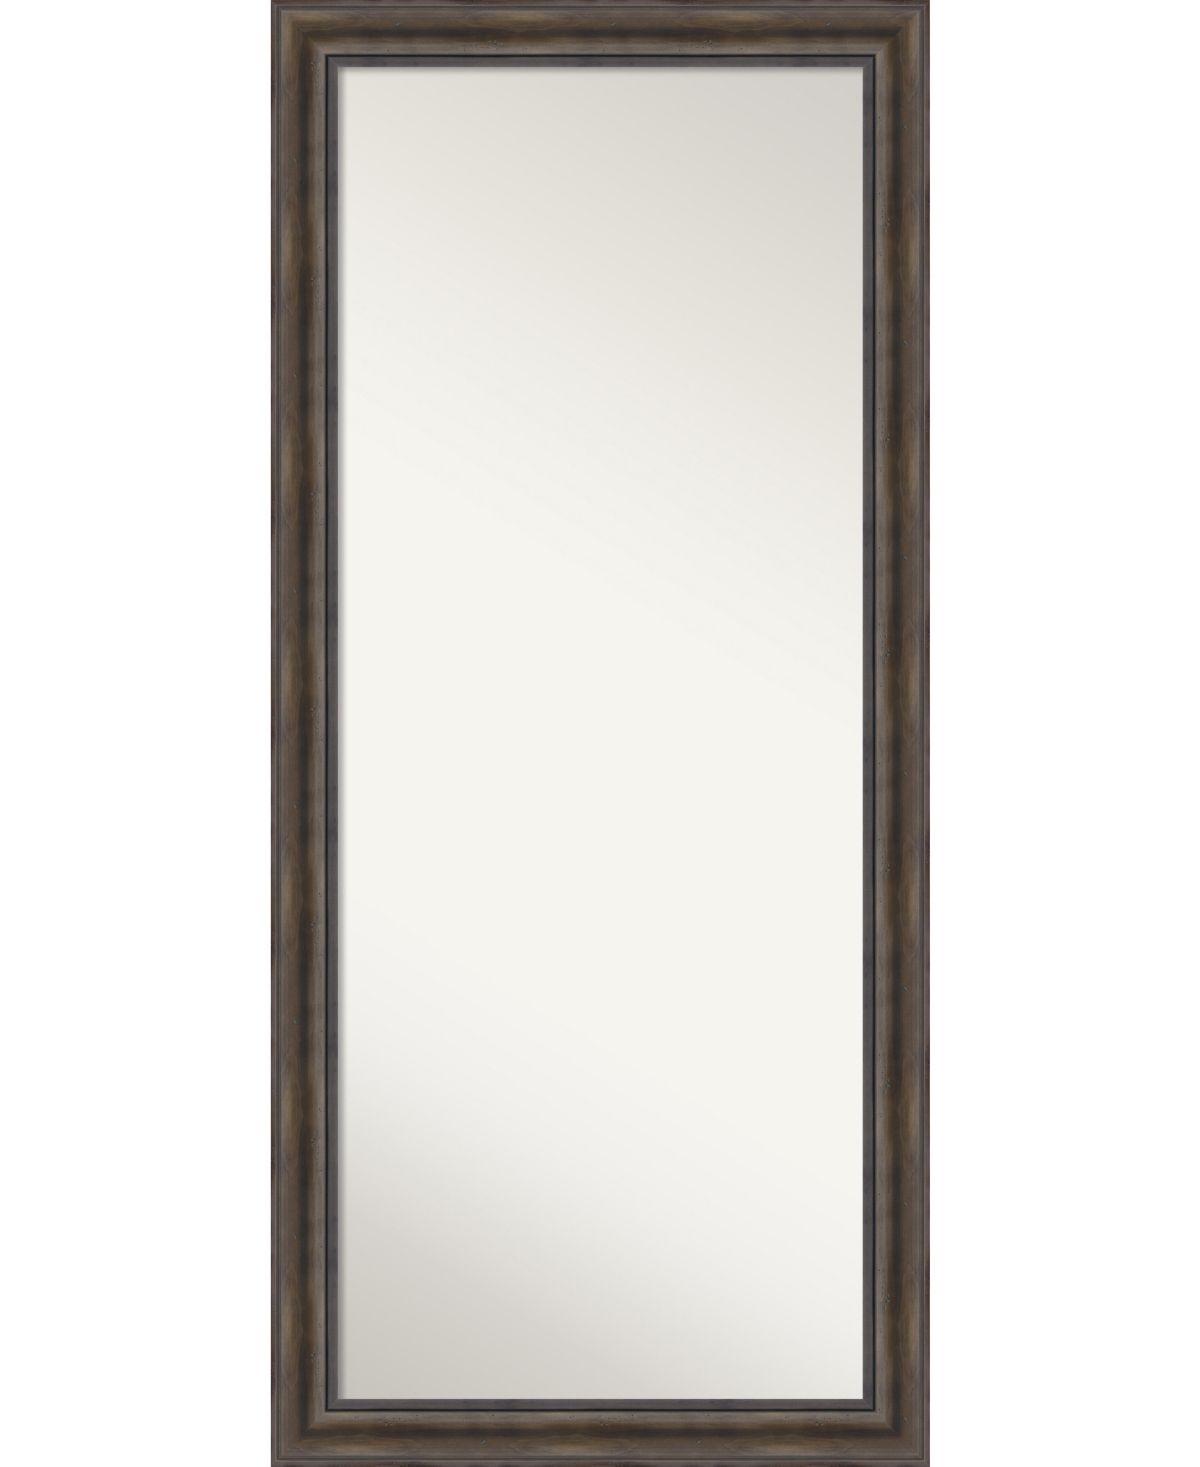 Amanti Art Rustic Pine Wood 29x65 Floor Leaner Mirror Reviews